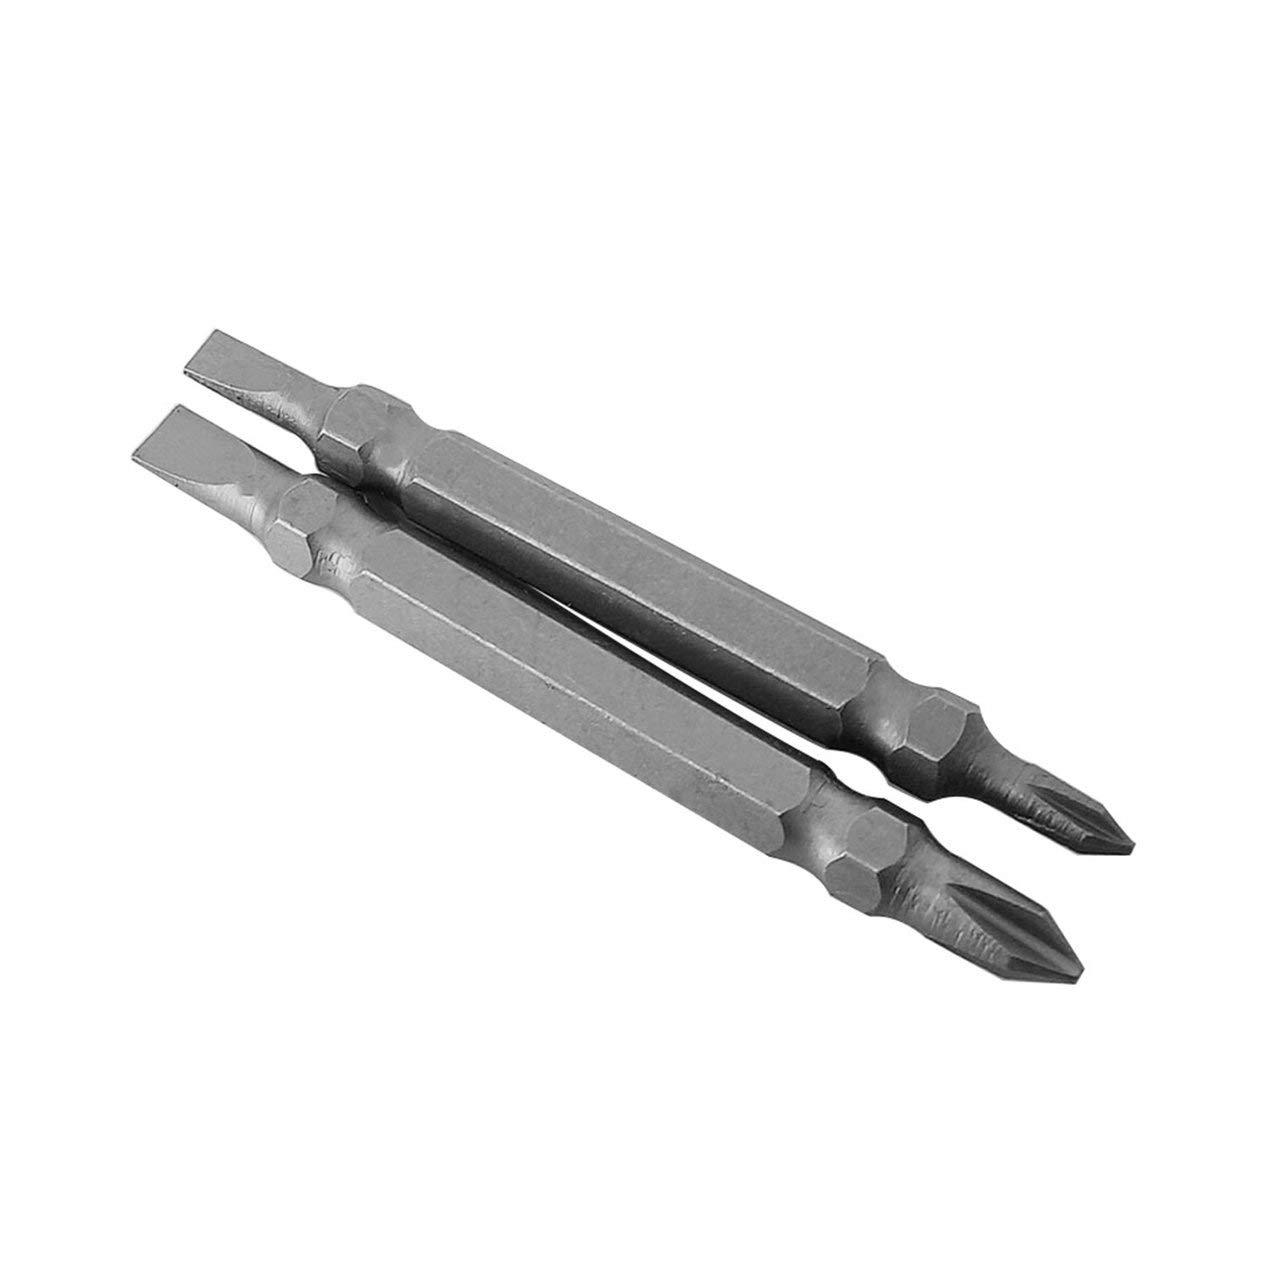 EdBerk74 Destornilladores multifuncionales ranurados//Phillips de aleaci/ón 4 en 1 Kit de herramientas de reparaci/ón intercambiables de precisi/ón de estilo de pluma